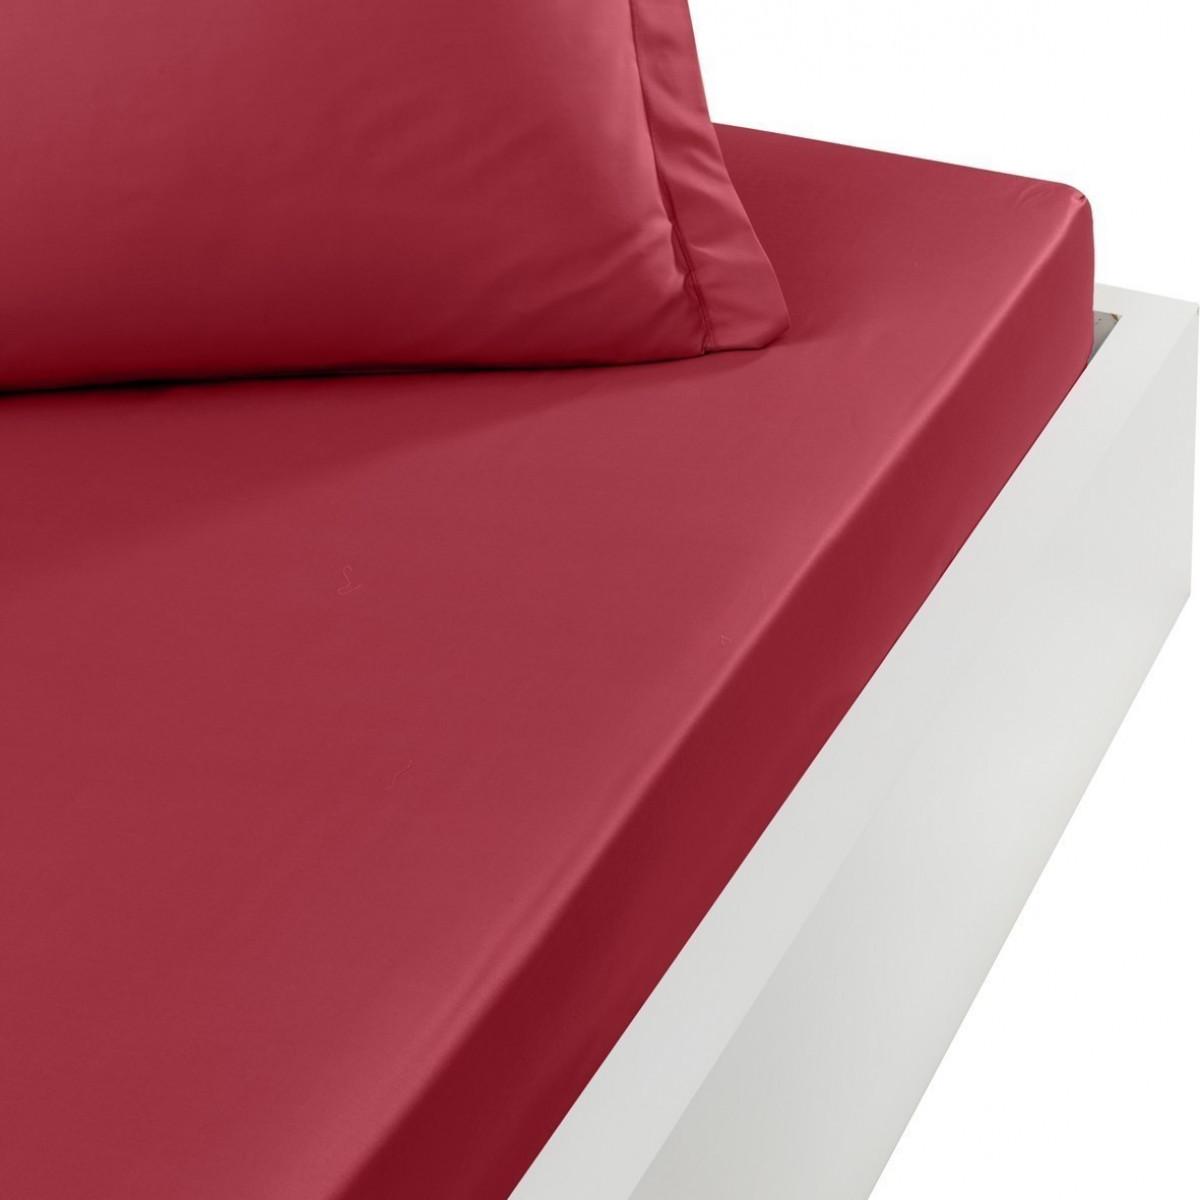 Drap housse en percale de coton bon Cardinal 140x190 cm